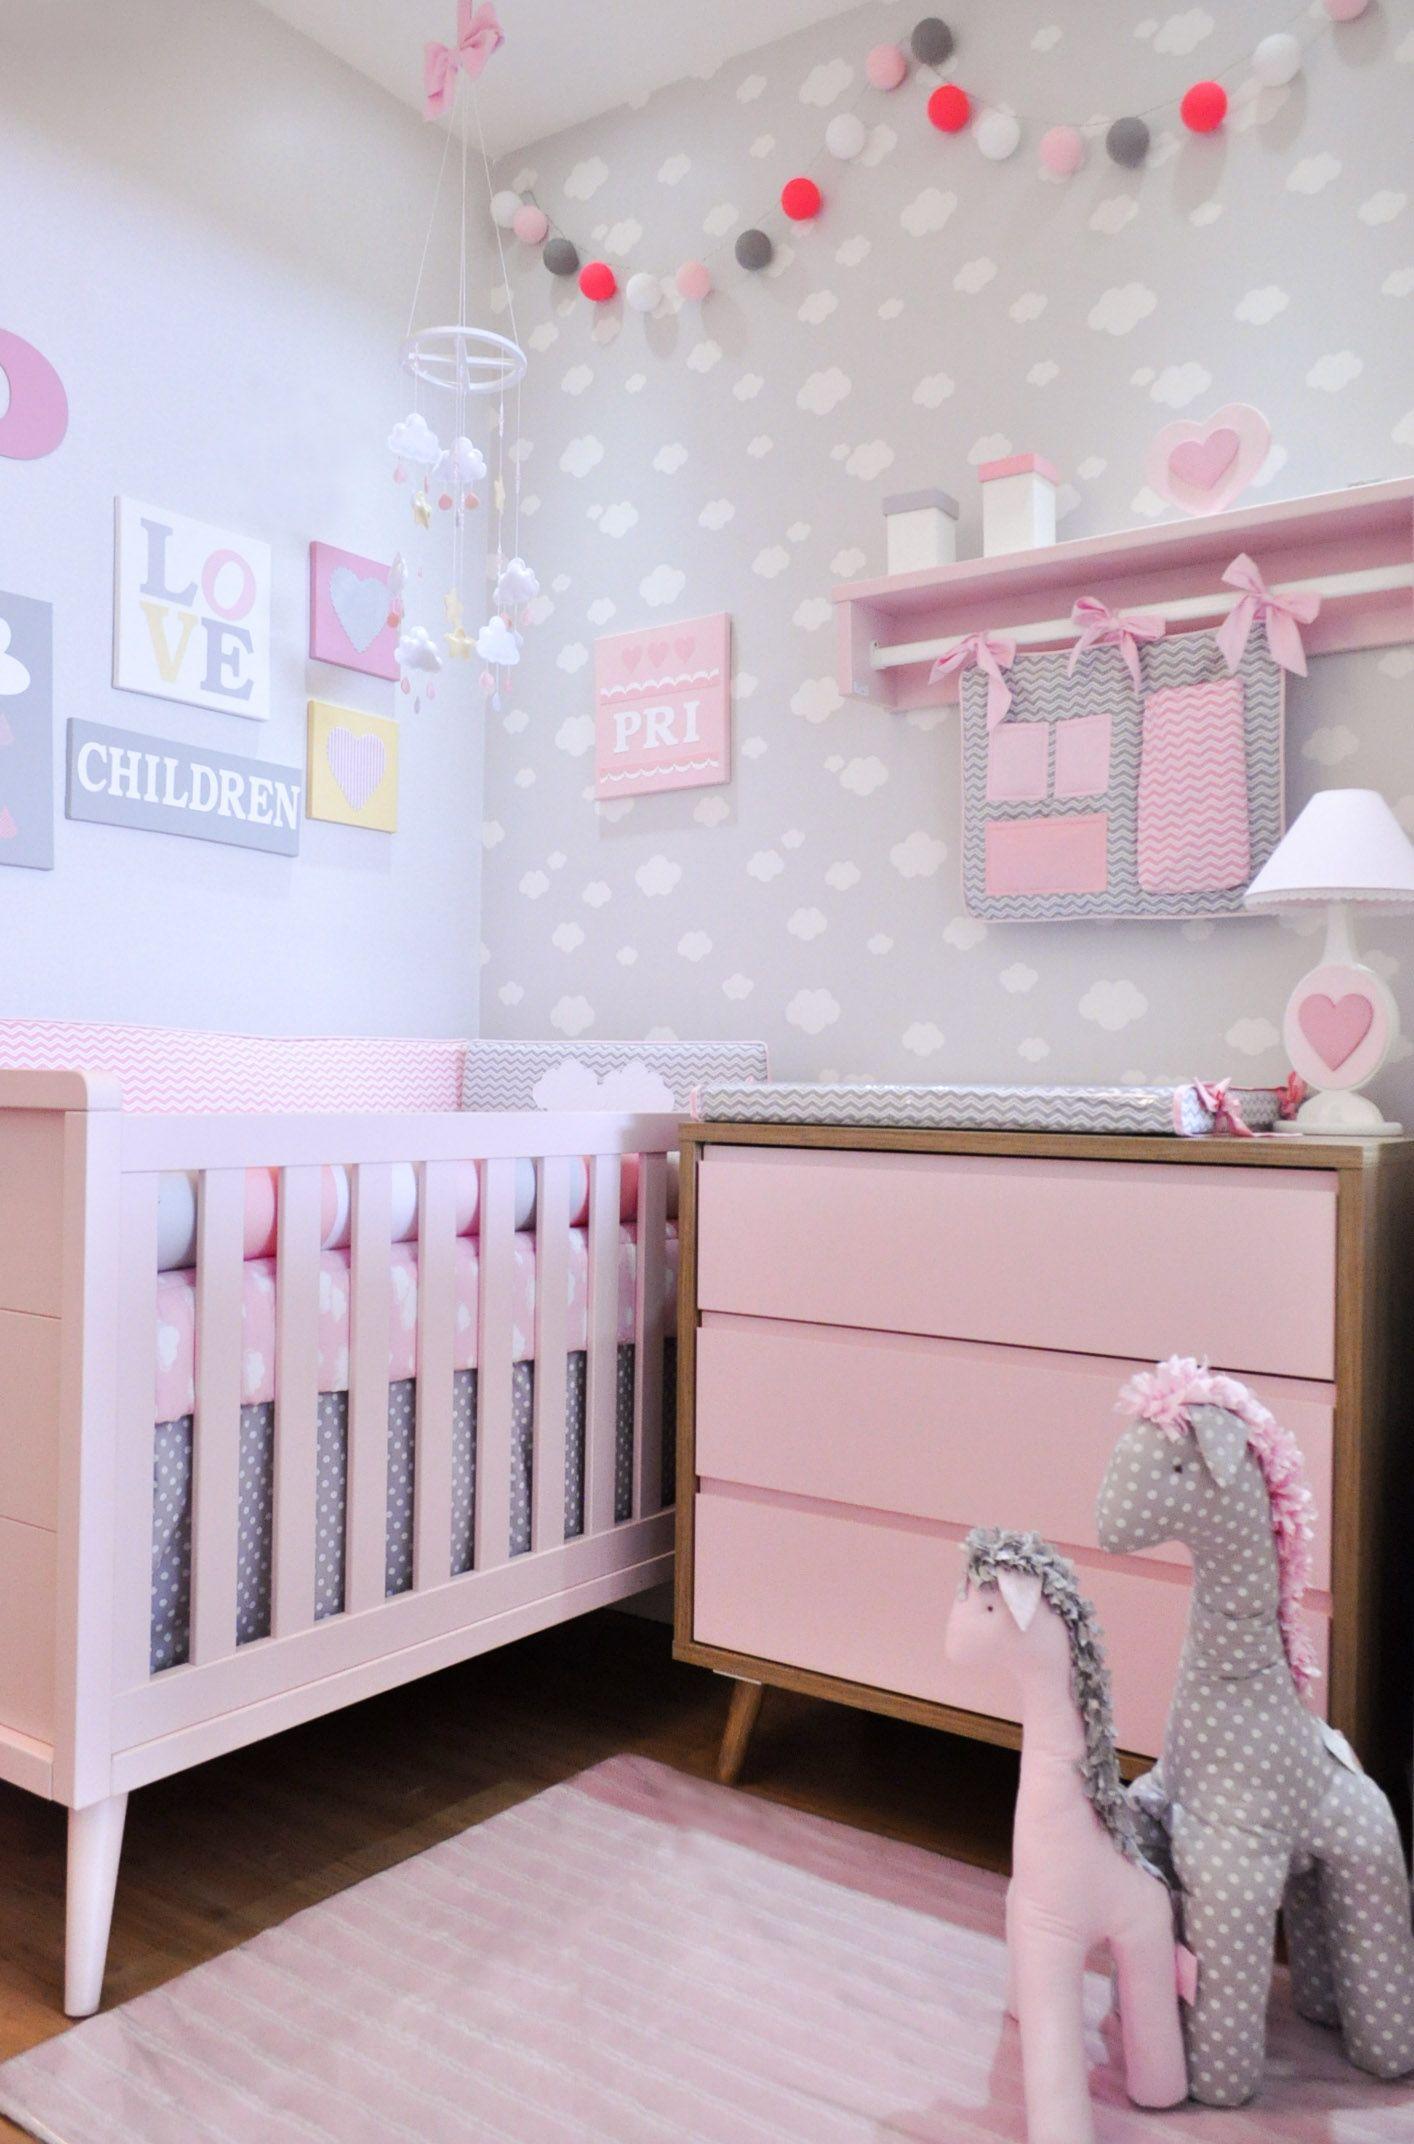 parede geovana in 2018 pinterest kinderzimmer baby kinderzimmer und kinderzimmer ideen. Black Bedroom Furniture Sets. Home Design Ideas